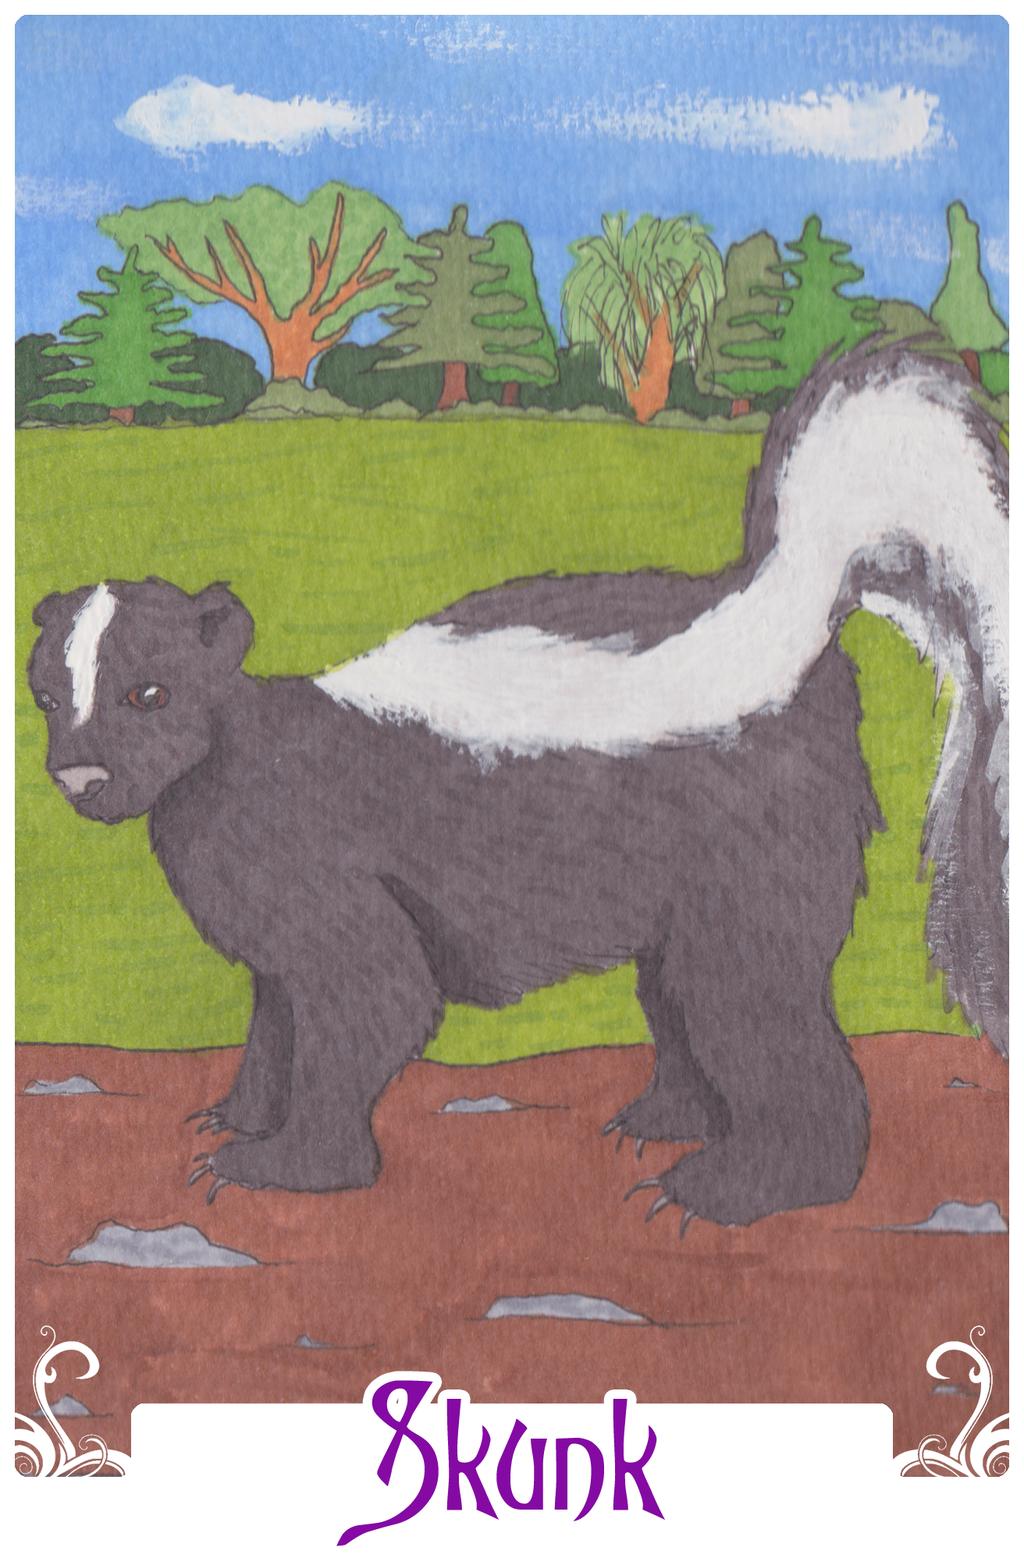 Skunk (2014)